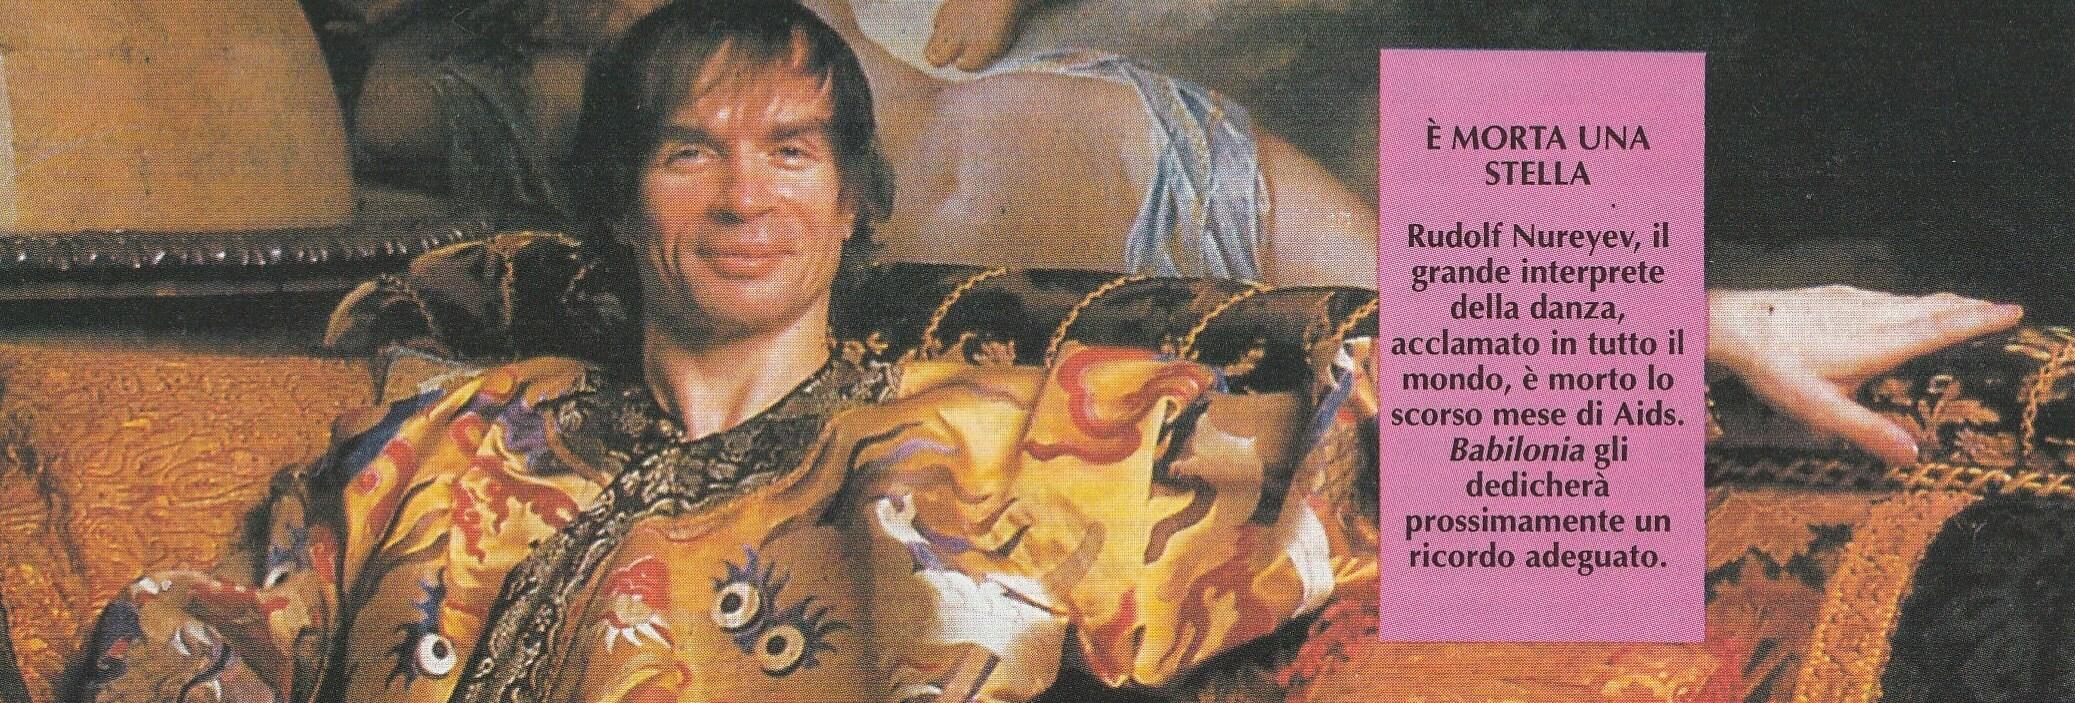 """Il 6 gennaio del 1993 muore a Parigi, per complicazioni da AIDS, il grande ballerino e coreografo Rudolf Nureyev, come ricorda questo trafiletto del numero di febbraio, dello stesso anno, di """"Babilonia""""."""